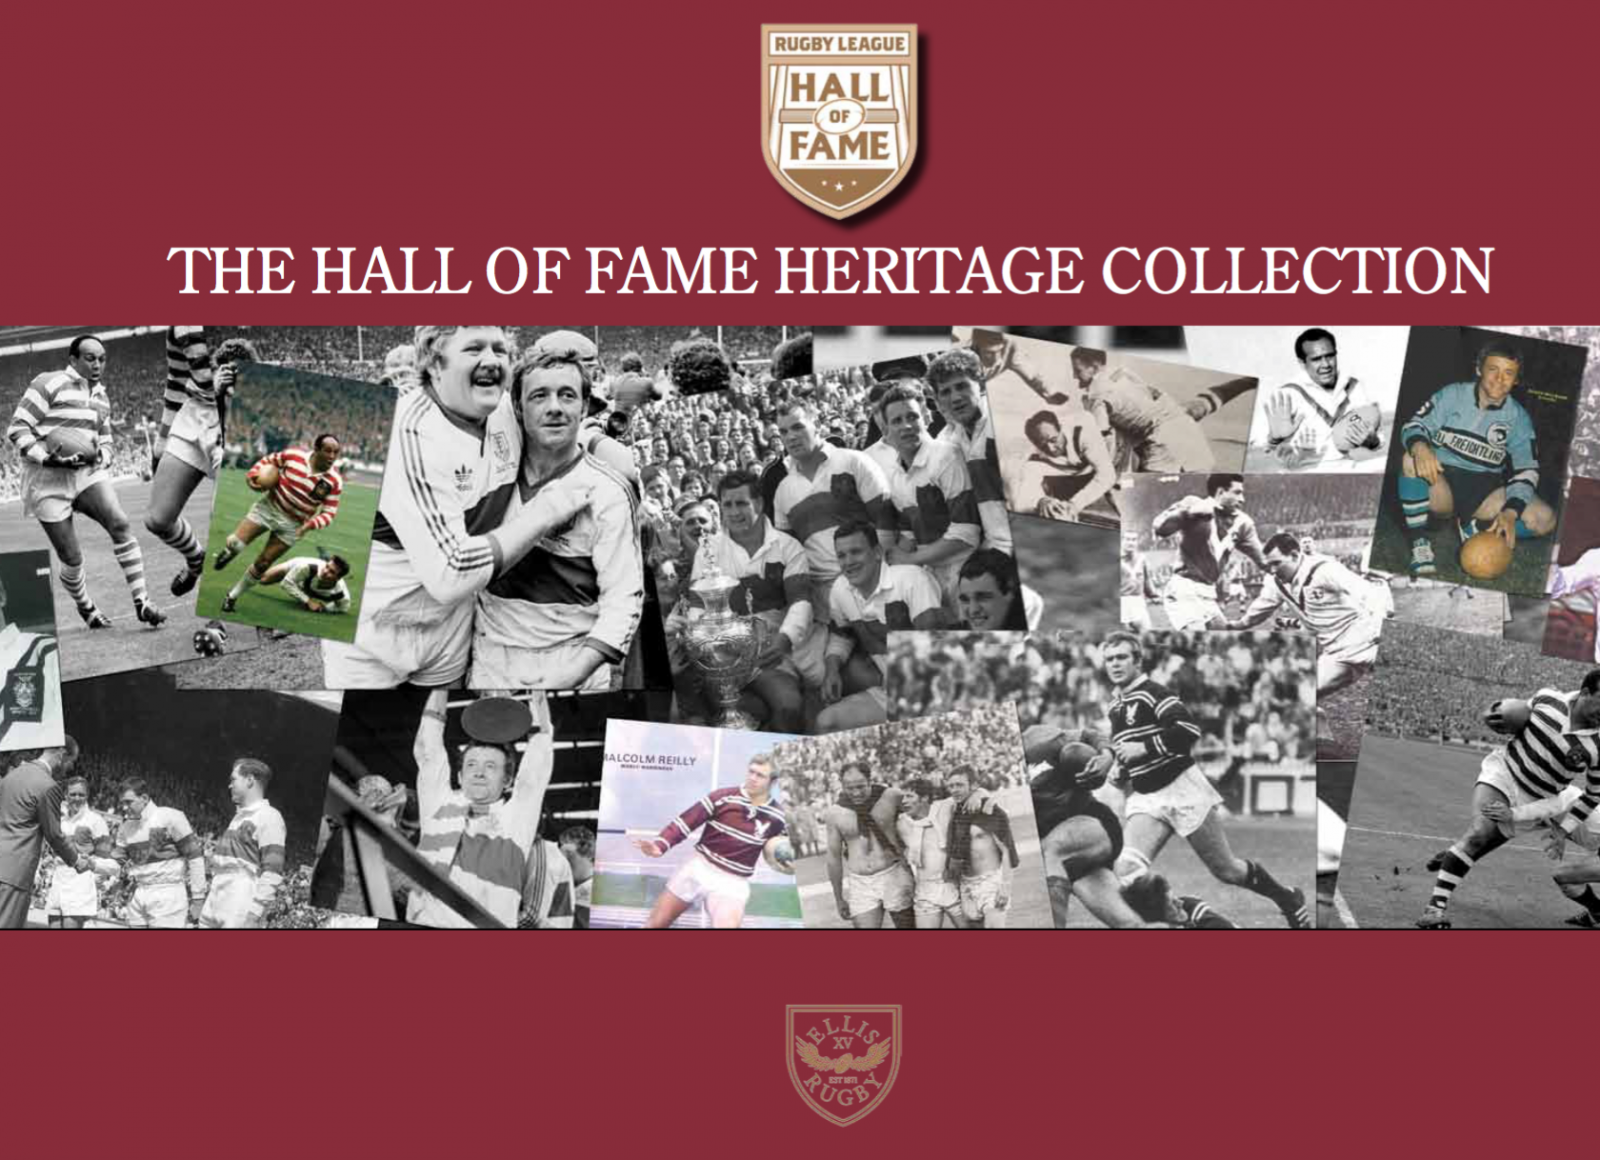 New clothing range celebrates RL Hall of Fame legends